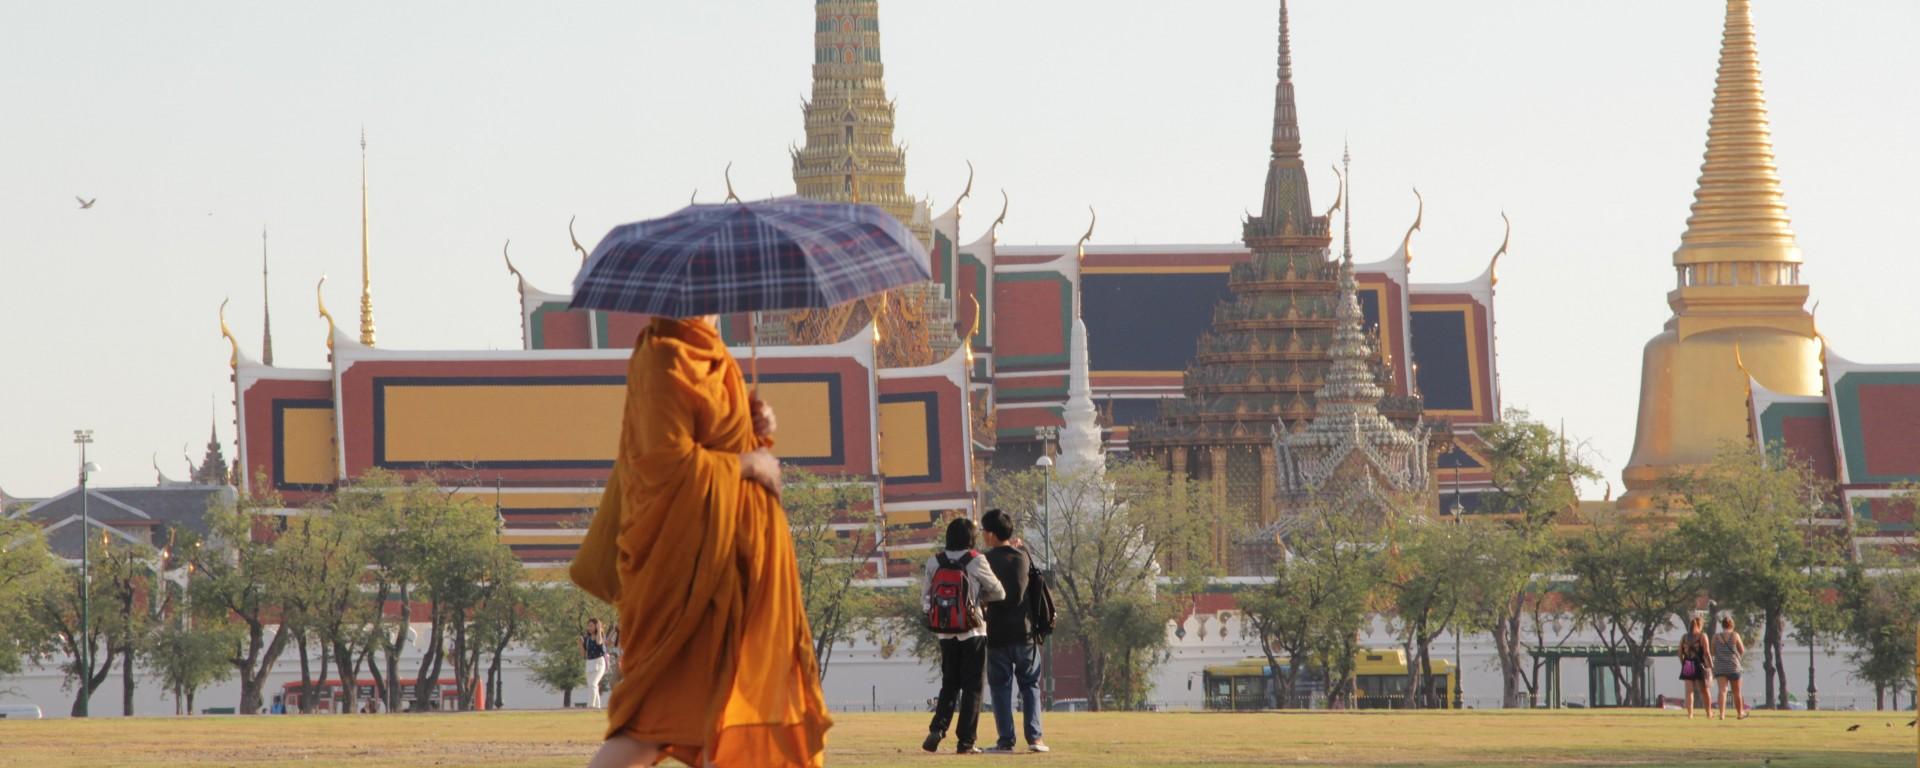 Un moine devant le haut lieu touristique de Bangkok : le temple Wat Phra Kaew et le grand palace (© Jérôme Decoster).